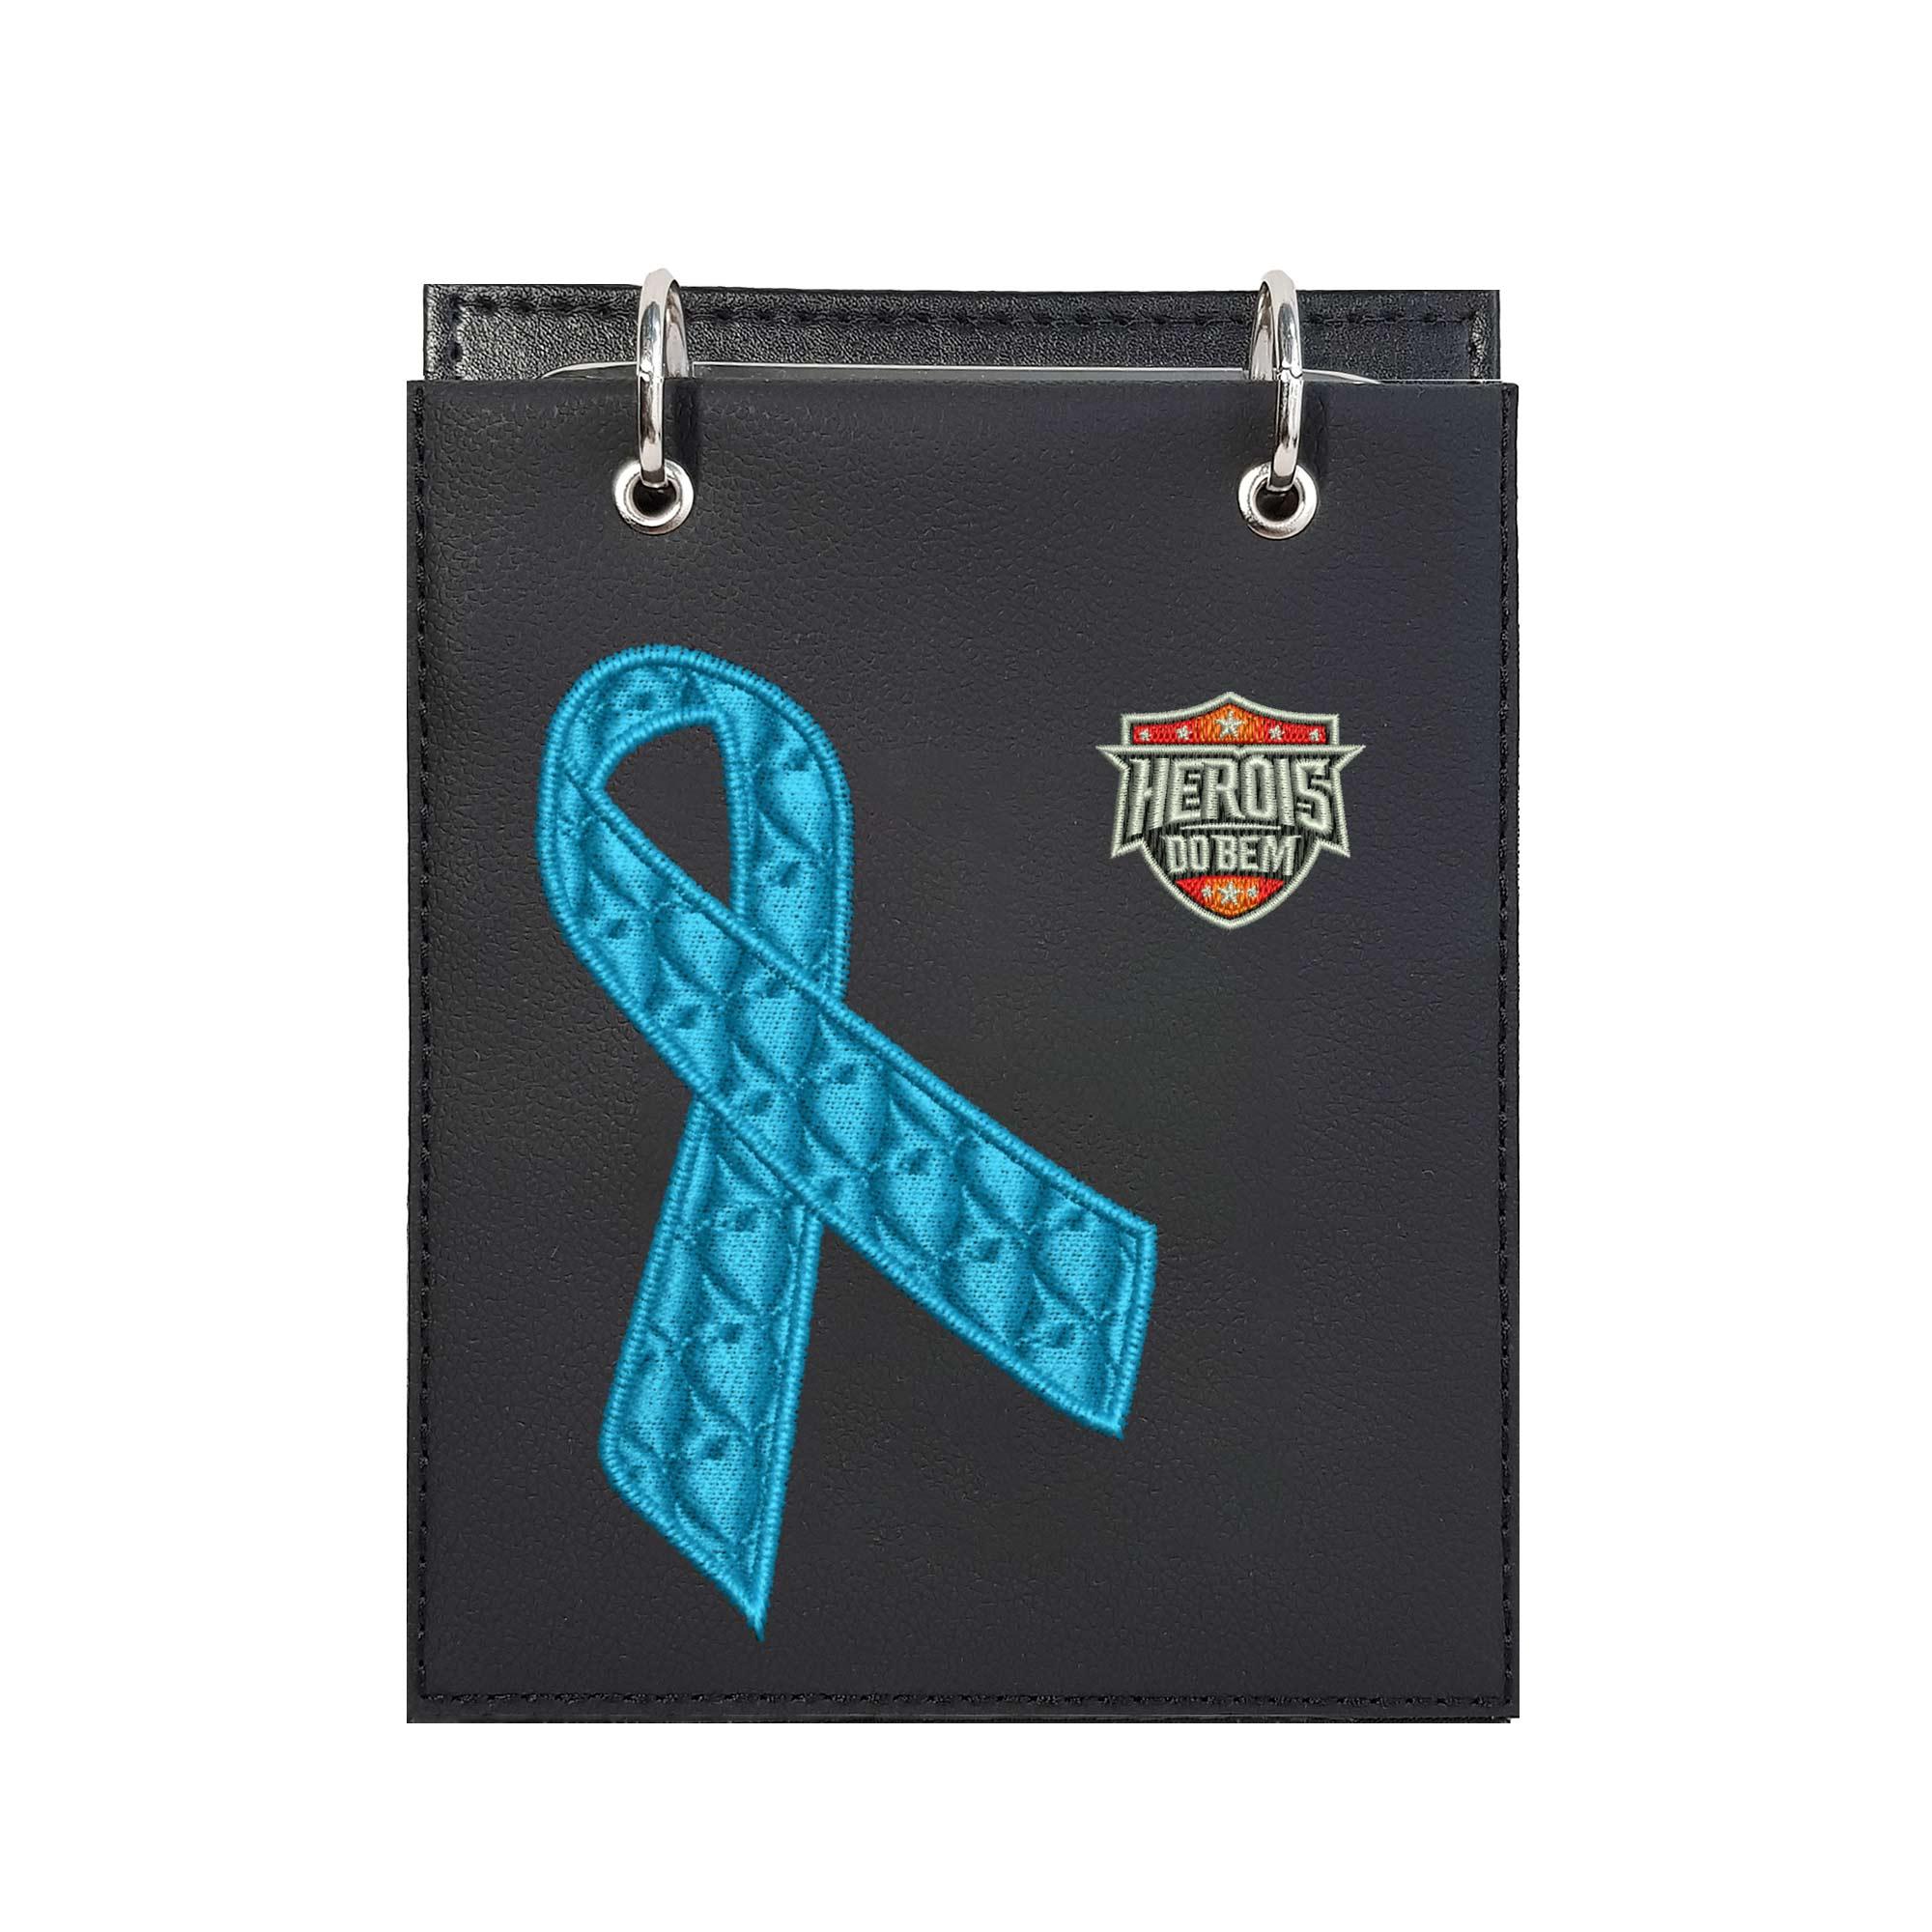 Bloco de Notas de Mesa Bordado Laço Novembro Azul Câncer Próstata Heróis do Bem  - Talysmã Bordados